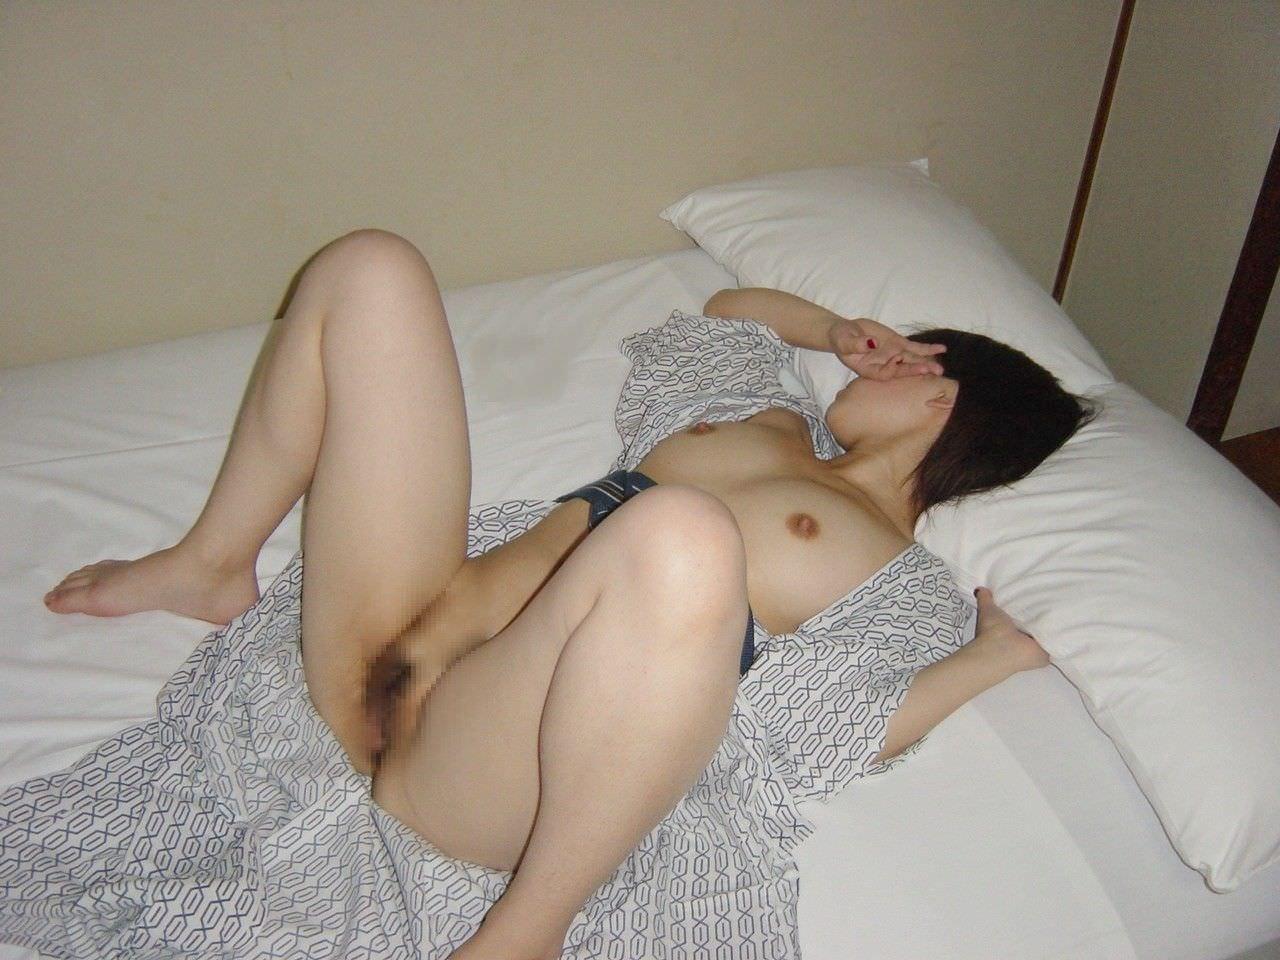 彼女と初めてのお泊り温泉旅行で早速エッチな浴衣姿を撮影www素人投稿エロ画像 1103